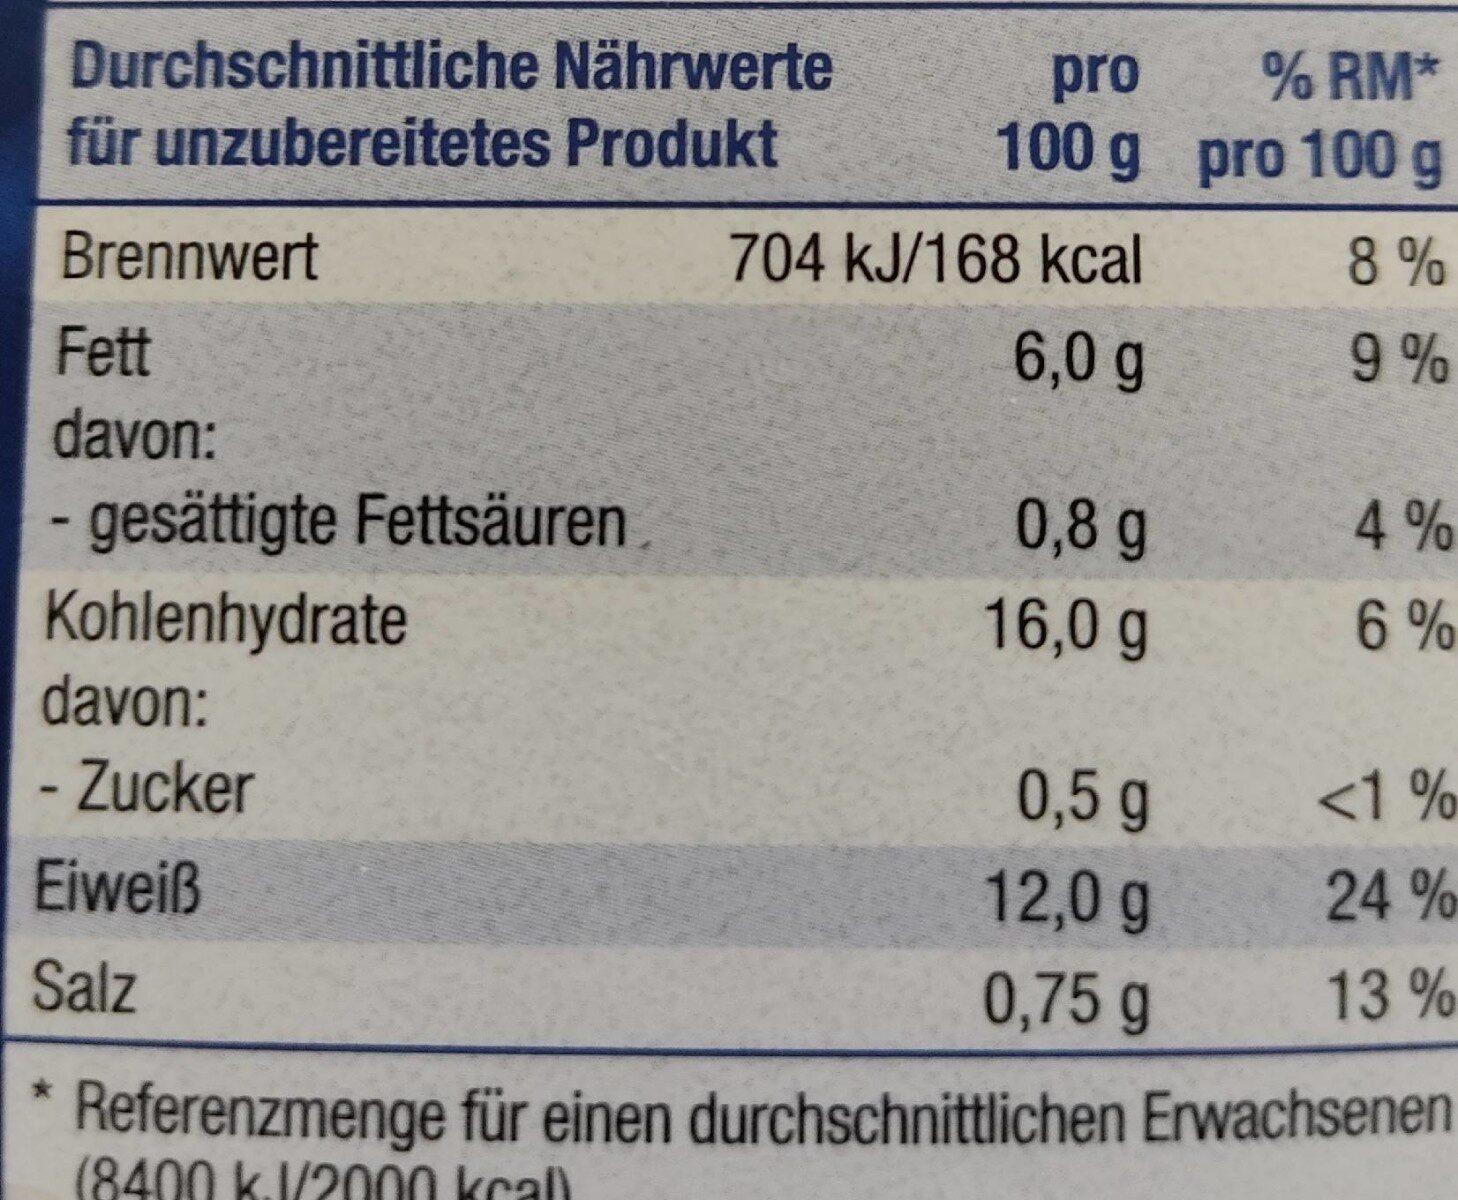 Knusperfilets im Backteig - Nährwertangaben - de